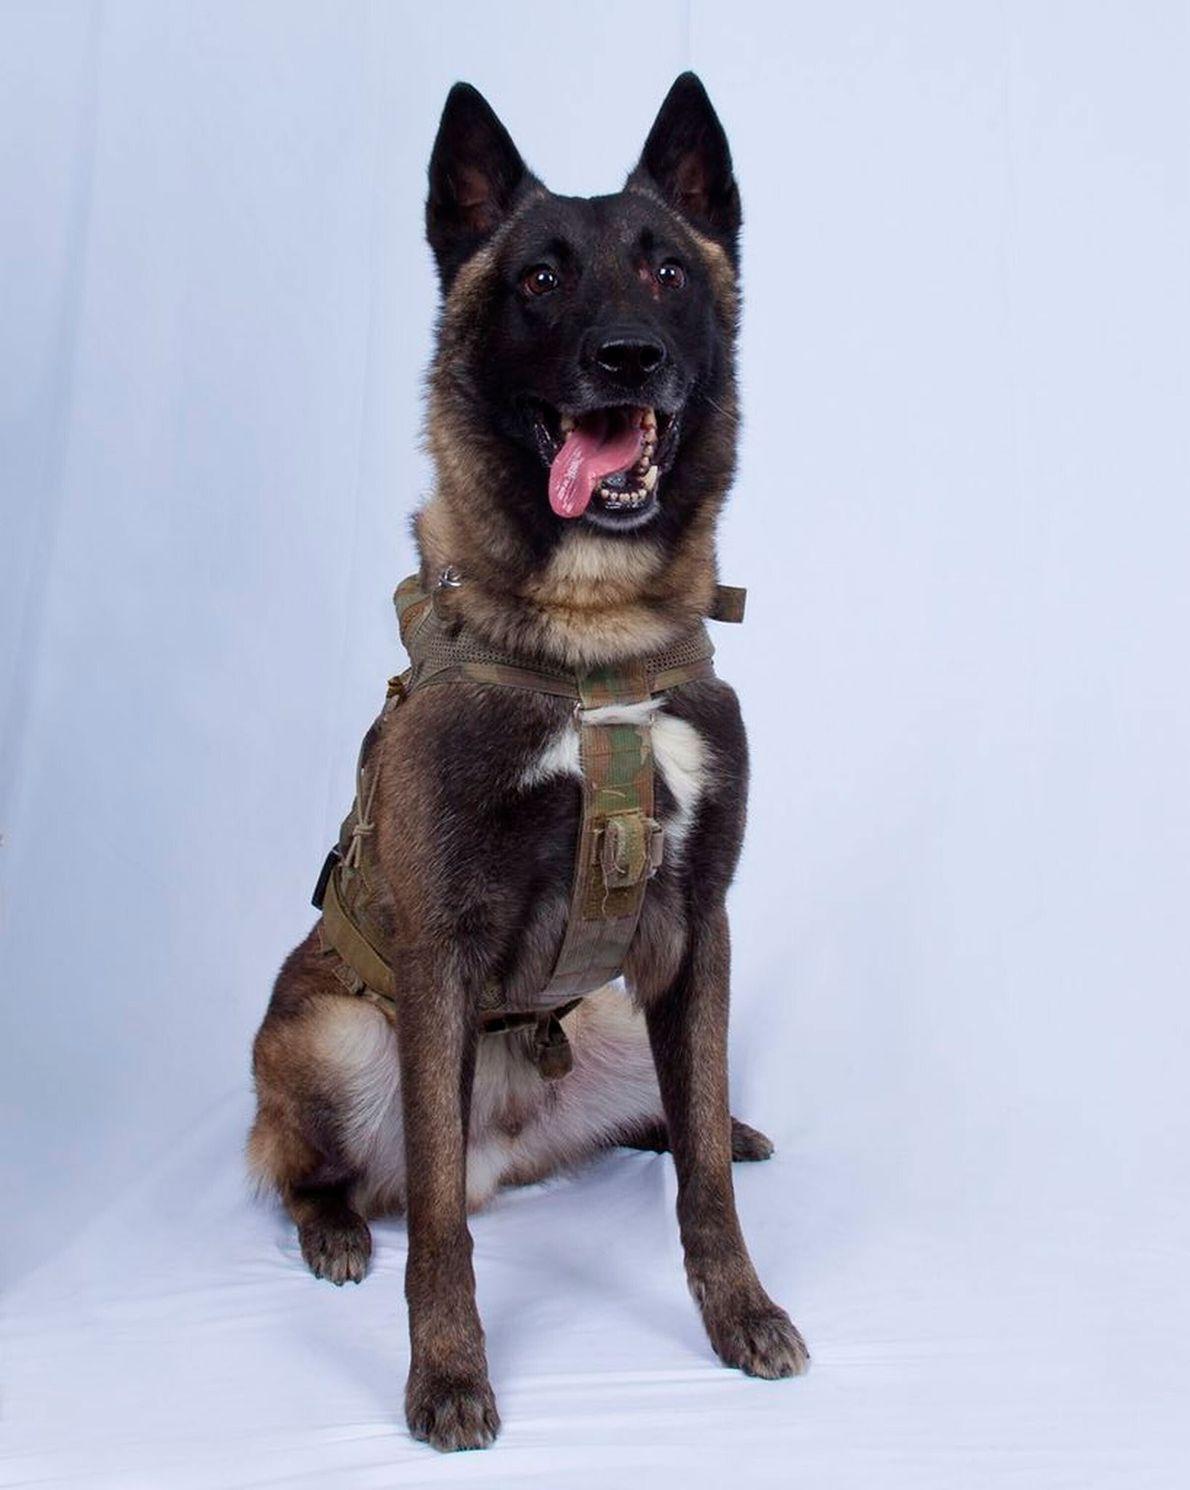 La dureza del adiestramiento de perros militares y por qué Conan es un héroe americano